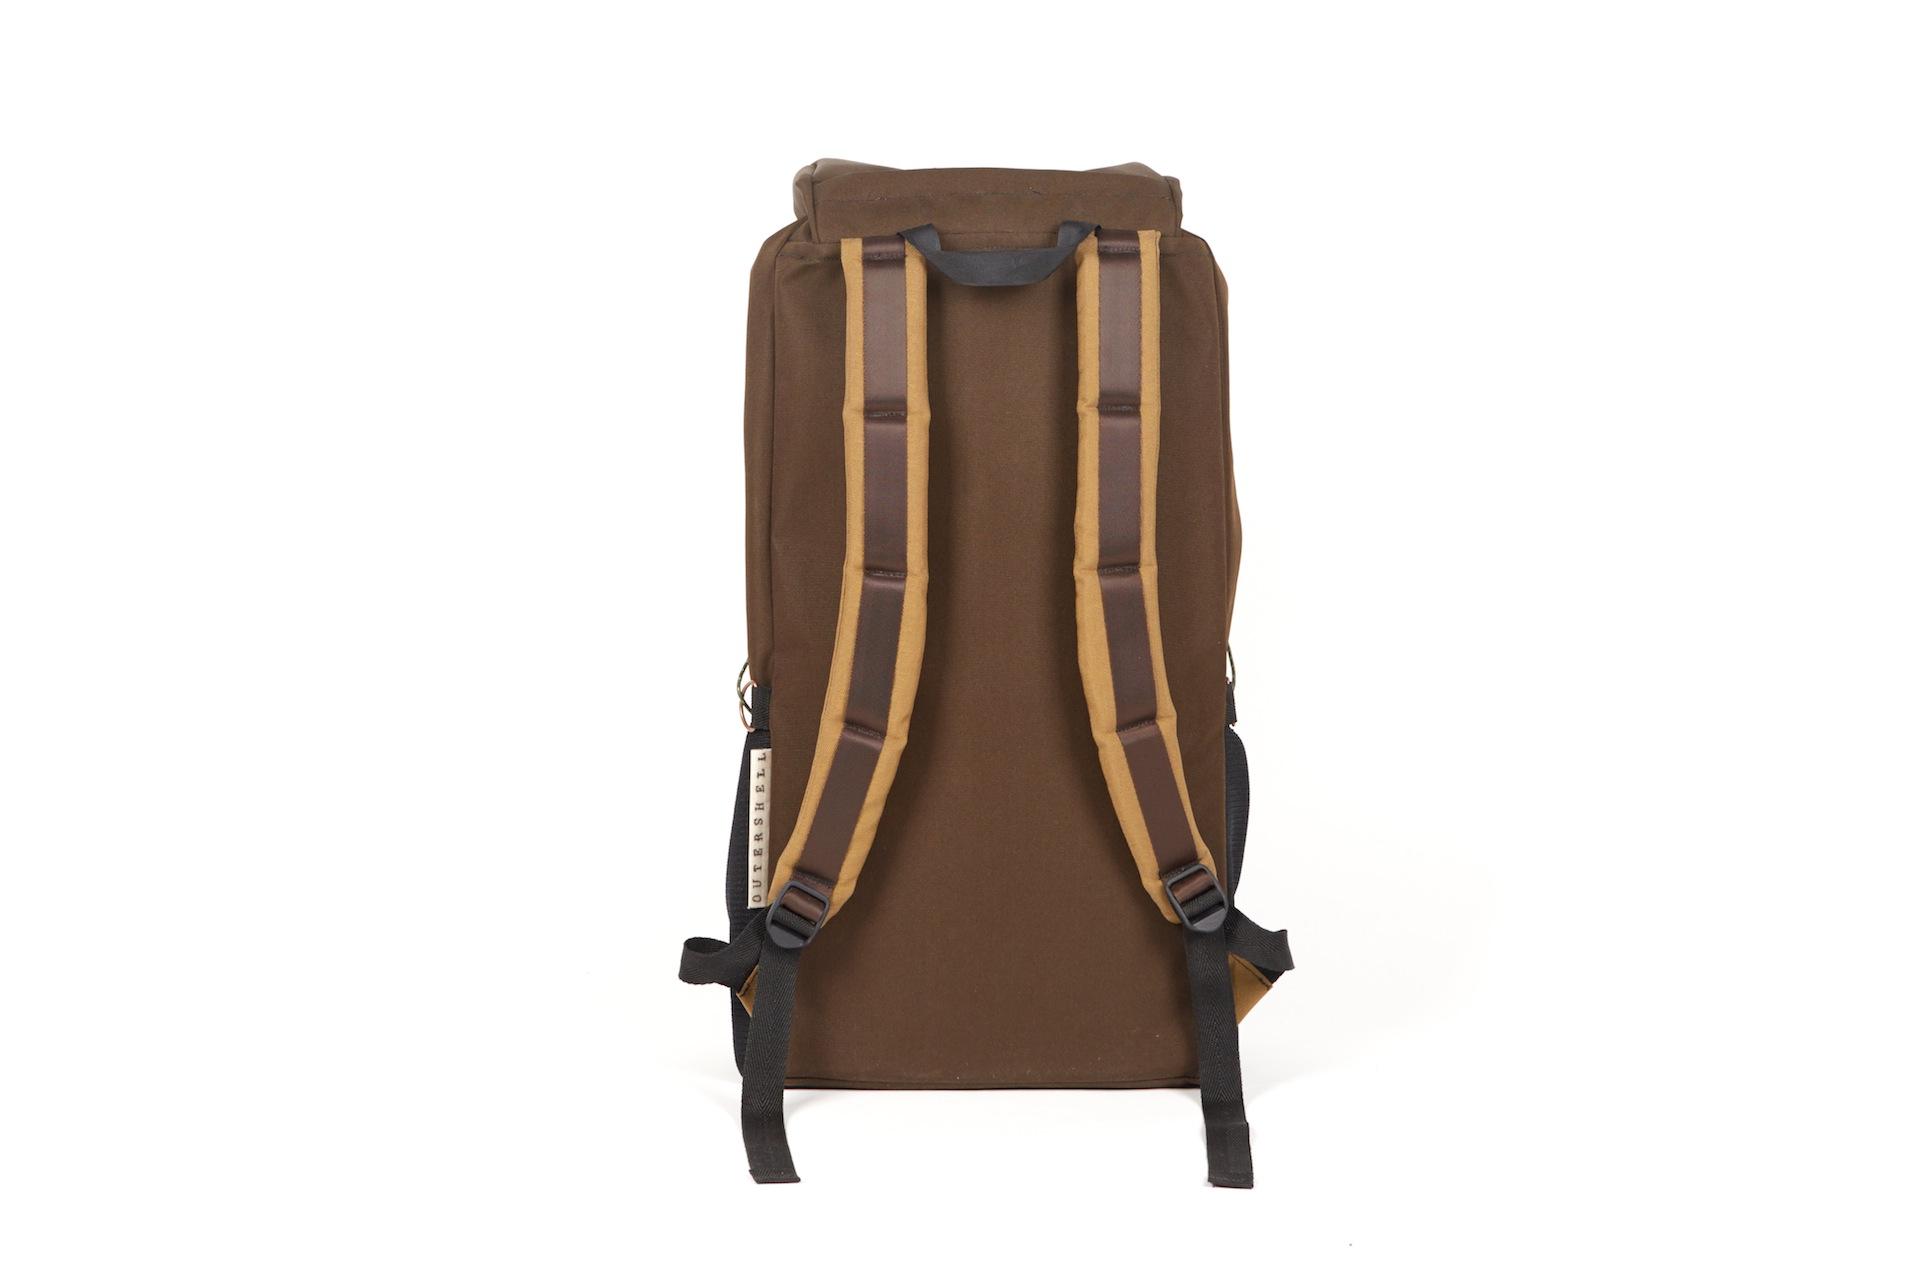 Bag2_back.jpg